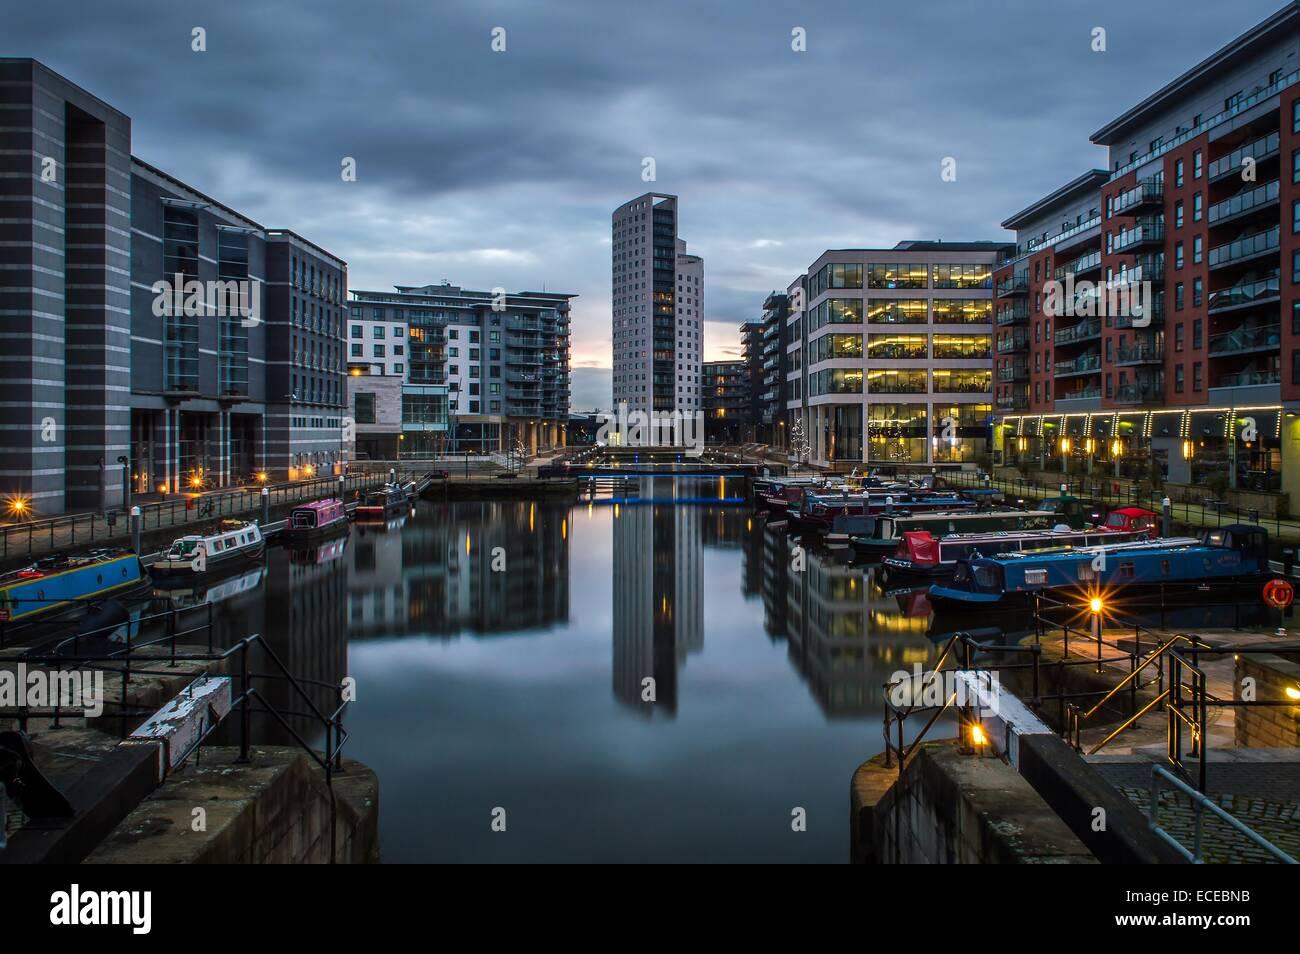 Clarence dock at dusk, Leeds, England, UK - Stock Image